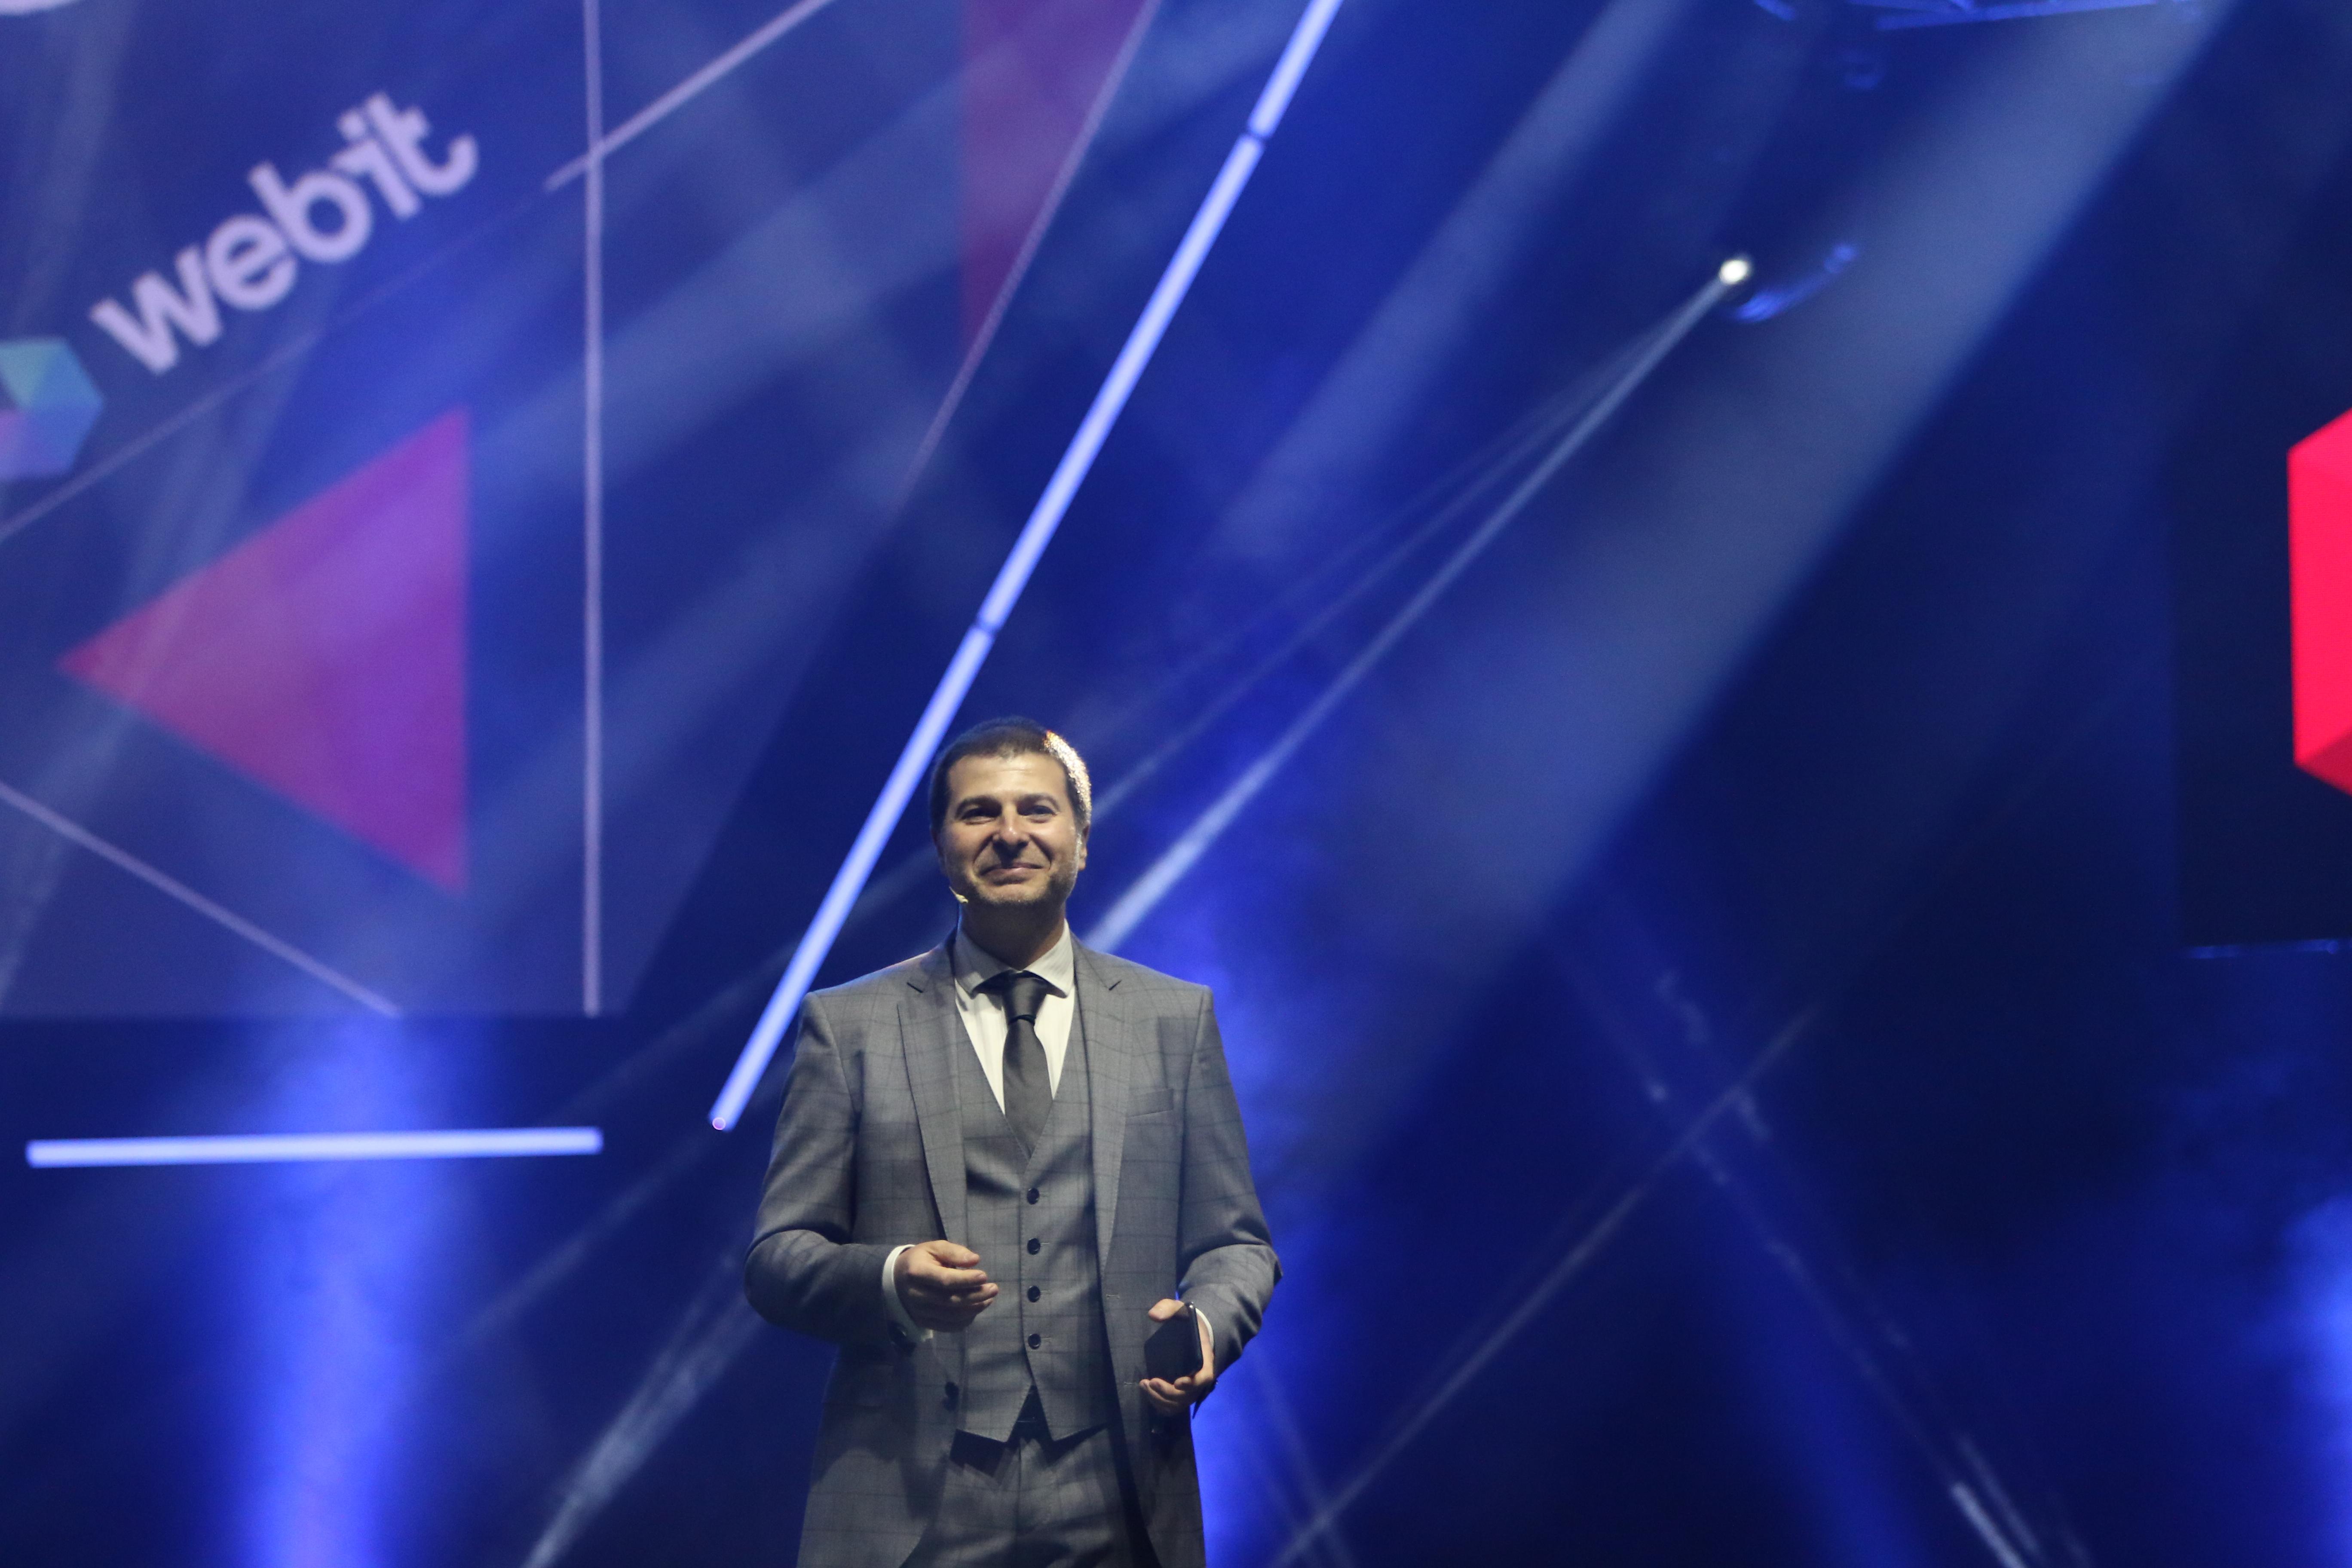 Първият хуманоиден робот-компаньон в света се срещна с българската публика по време на първия ден от най-голямото събитие за дигитални технологии, иновации и предприемачество в Европа - Webit.Festival Europe. Фестивалът се провежда за 11-та поредна година в България и събира едни от водещите инвеститори, иноватори, политици, активисти и предприемачи от цял свят.